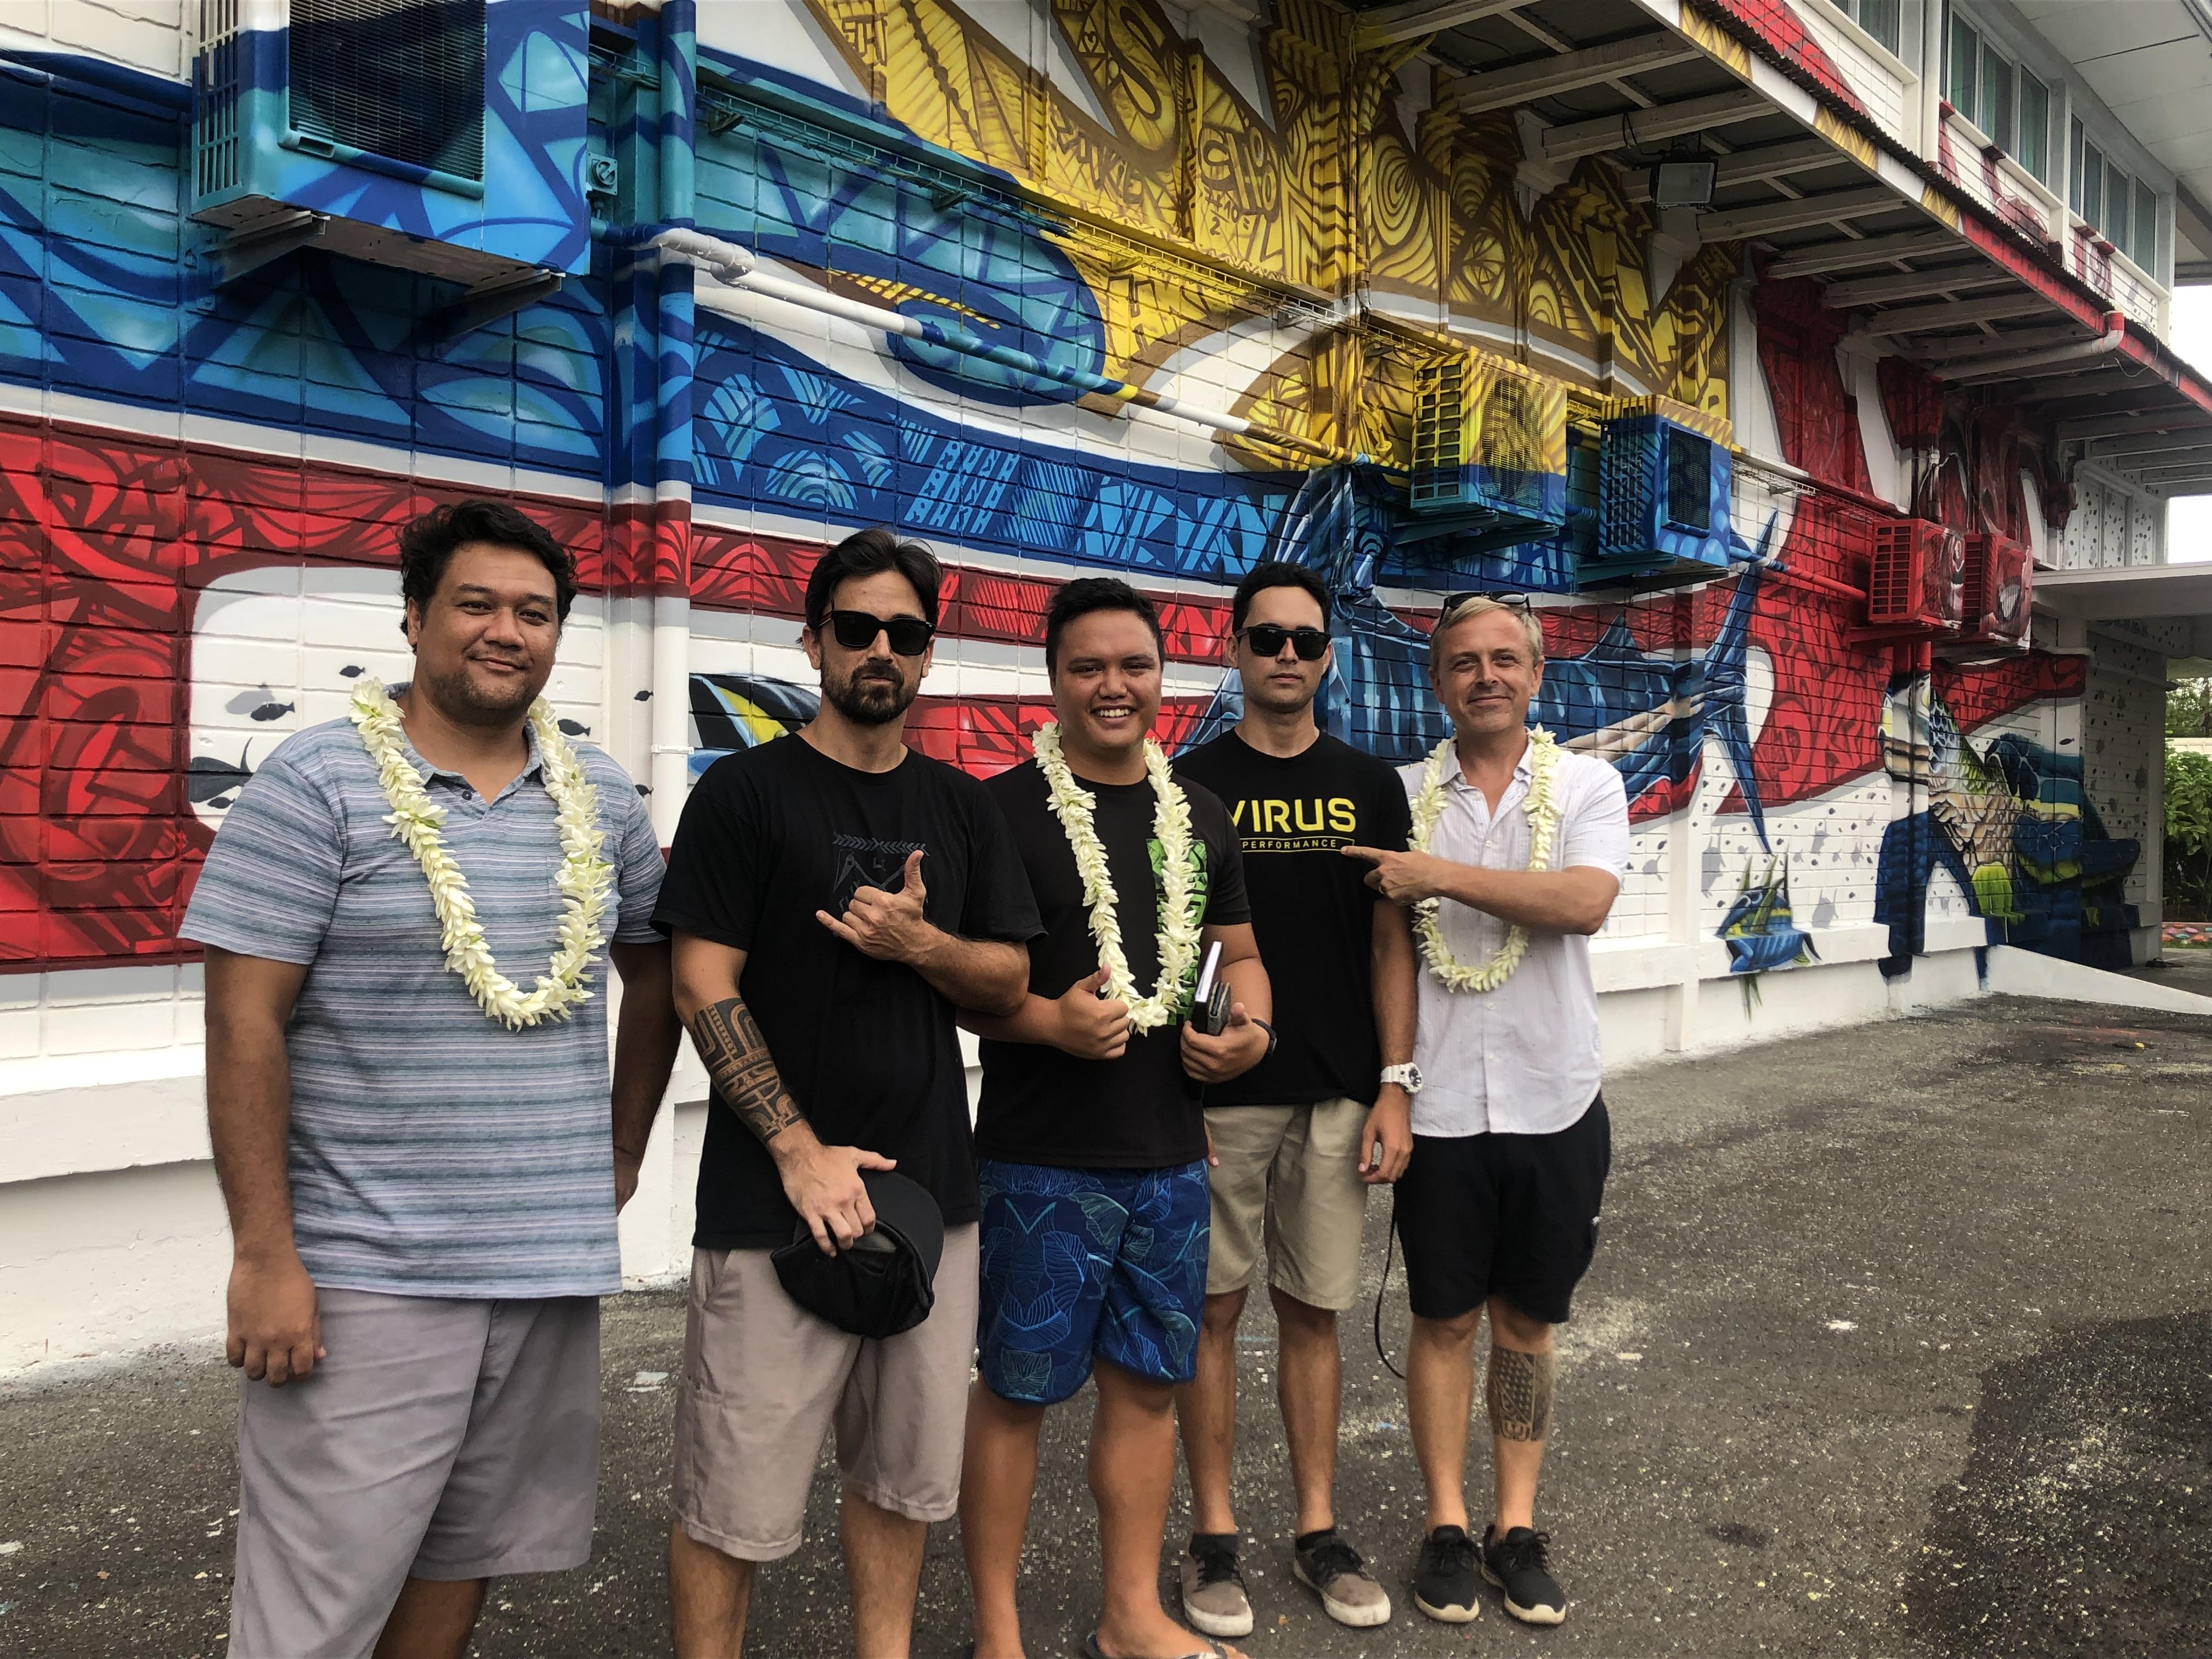 (de gauche à droite) Enos, AbuZe, Rival, Ariitea et Cher1 les artistes qui ont réalisé cette fresque.